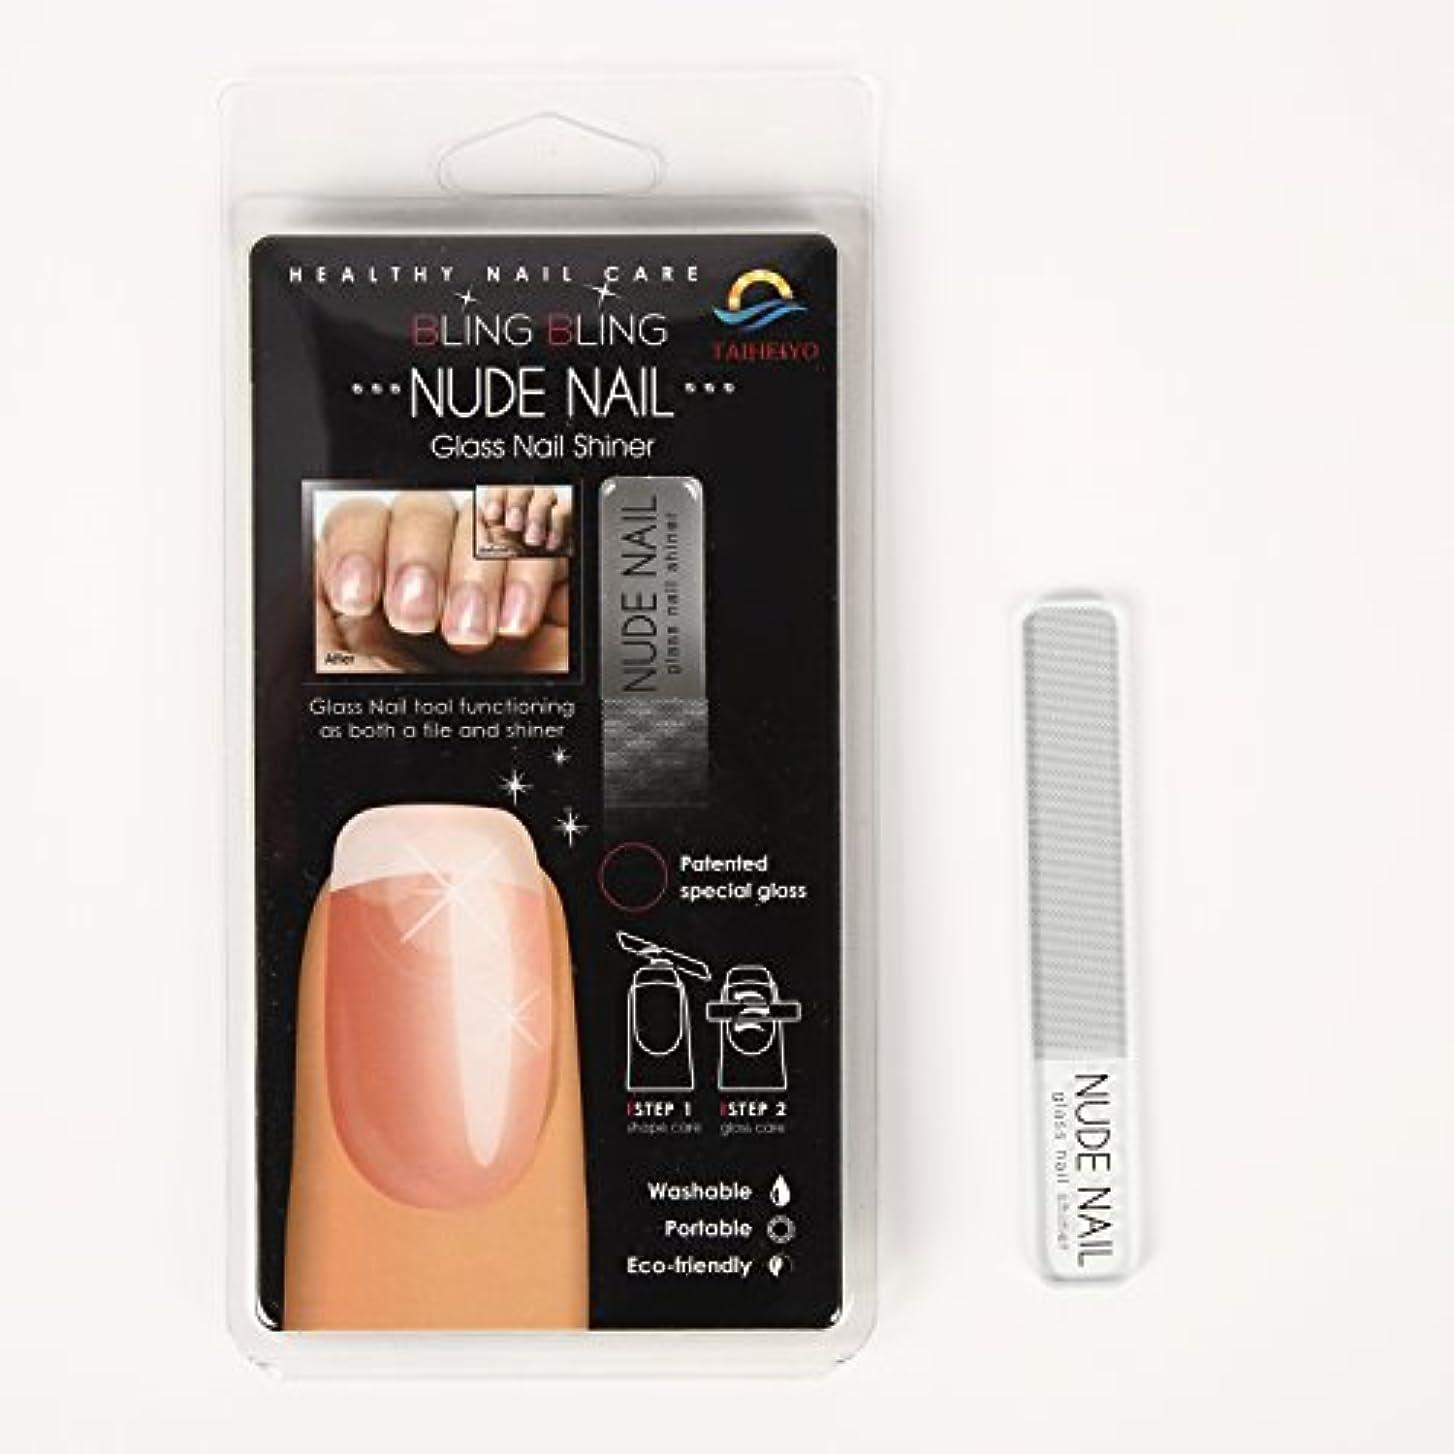 ゴミ箱きょうだいほのかヌードネイル NUDE NAIL ガラ ス製爪磨き ガラスネイルシャイナー GLASS NAIL SHINER TAIHEIYO (1本) 爪やすり 爪みがき